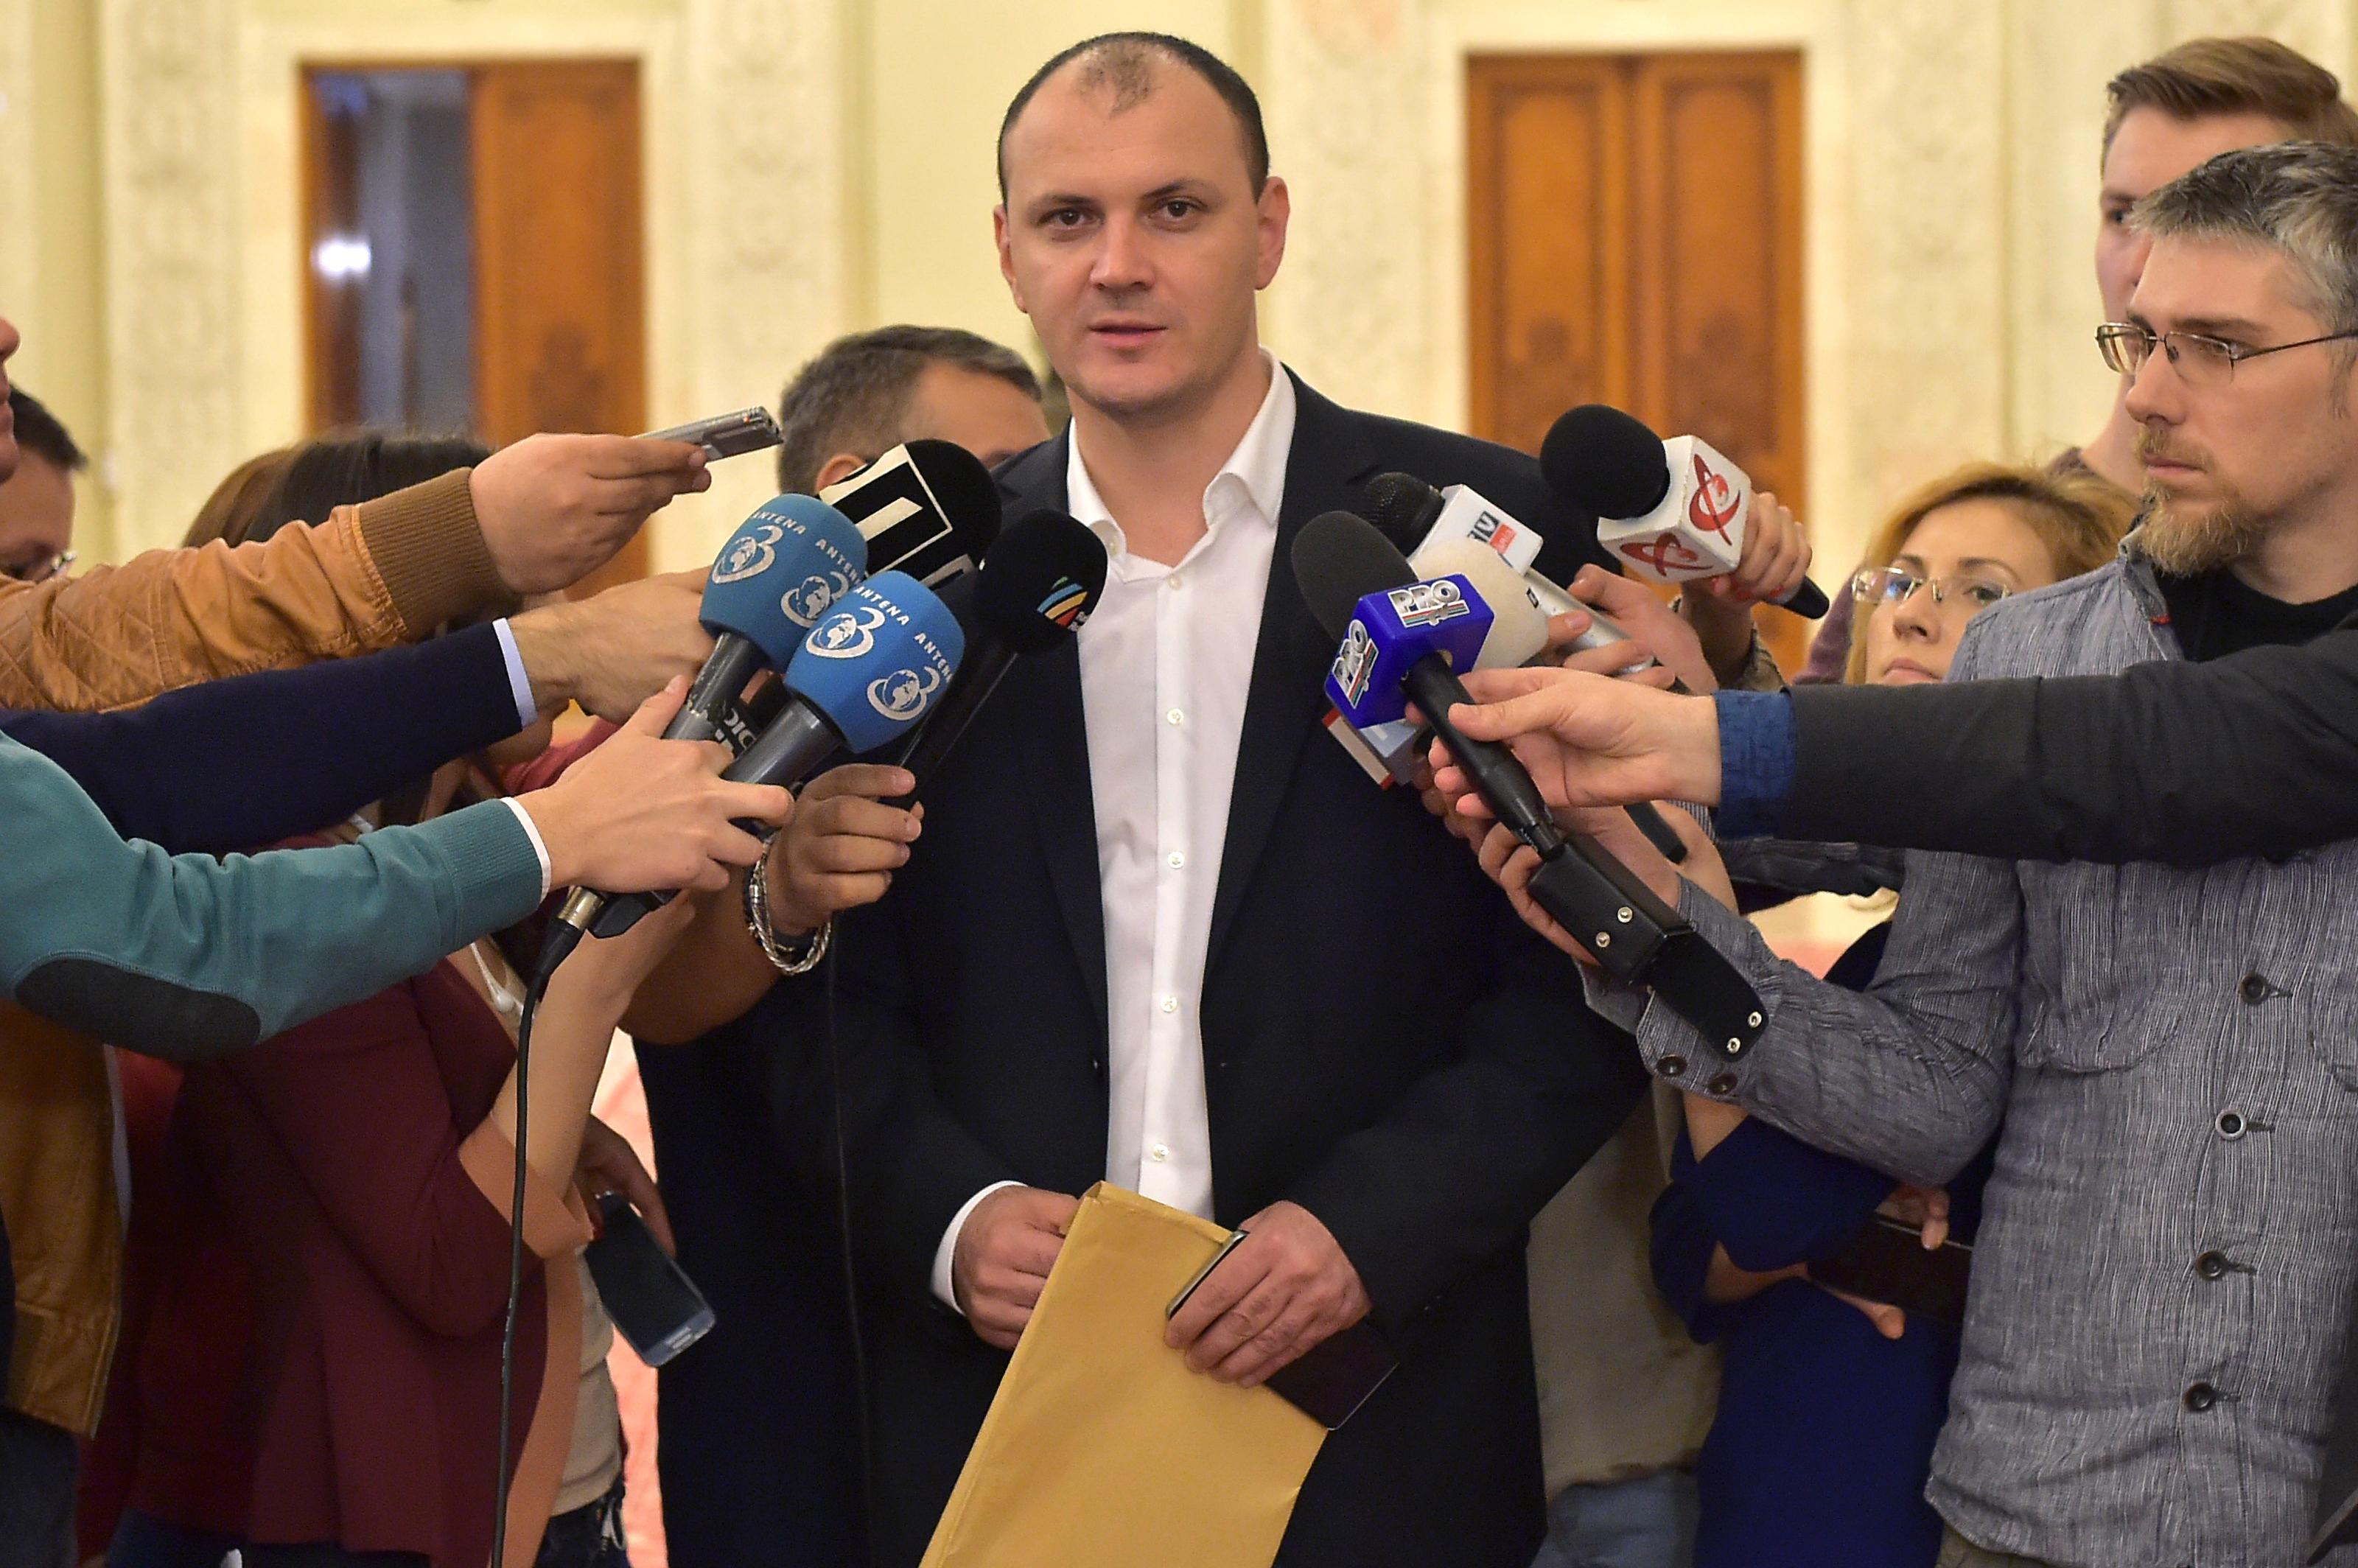 Cautiune de 13 milioane de euro pentru Sebastian Ghita. Surse: Un deputat il acuza ca l-a santajat